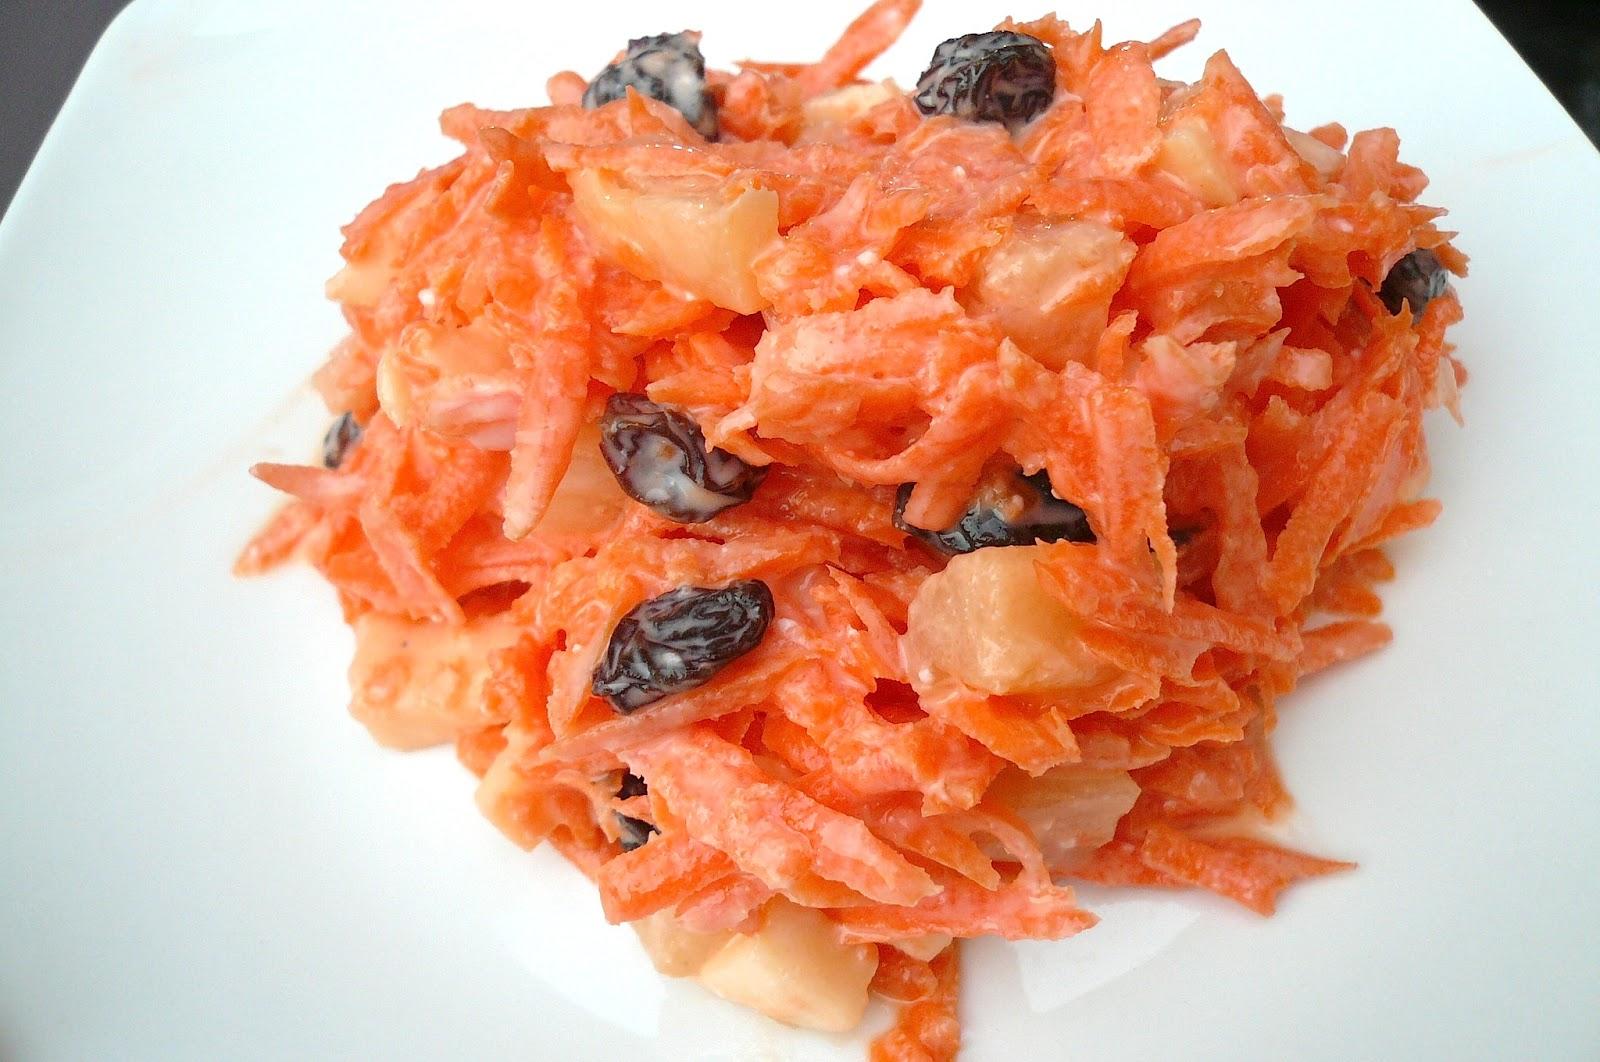 Ensalada dulce de zanahoria mi cocina r pida - Ensalada de apio y zanahoria ...